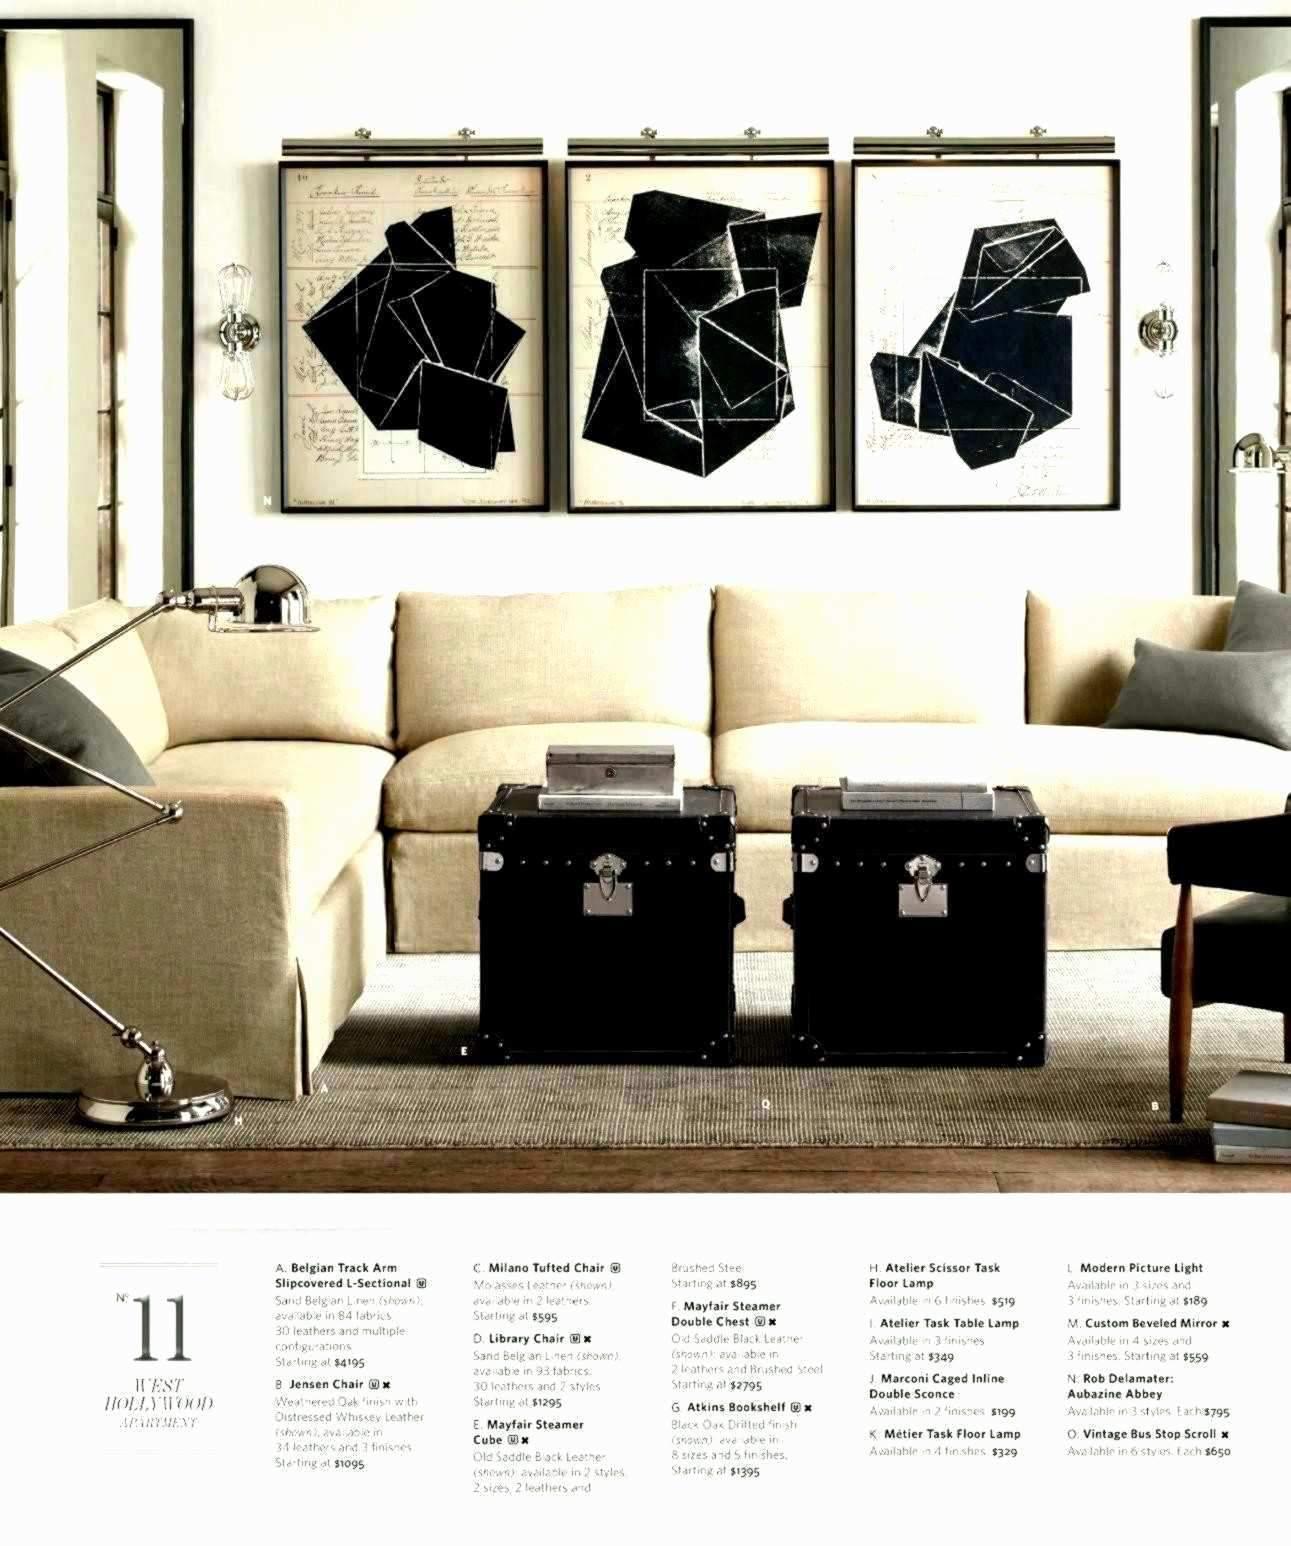 wohnzimmer stehlampe modern schon 50 luxus von wohnzimmer stehlampe modern ideen of wohnzimmer stehlampe modern 1